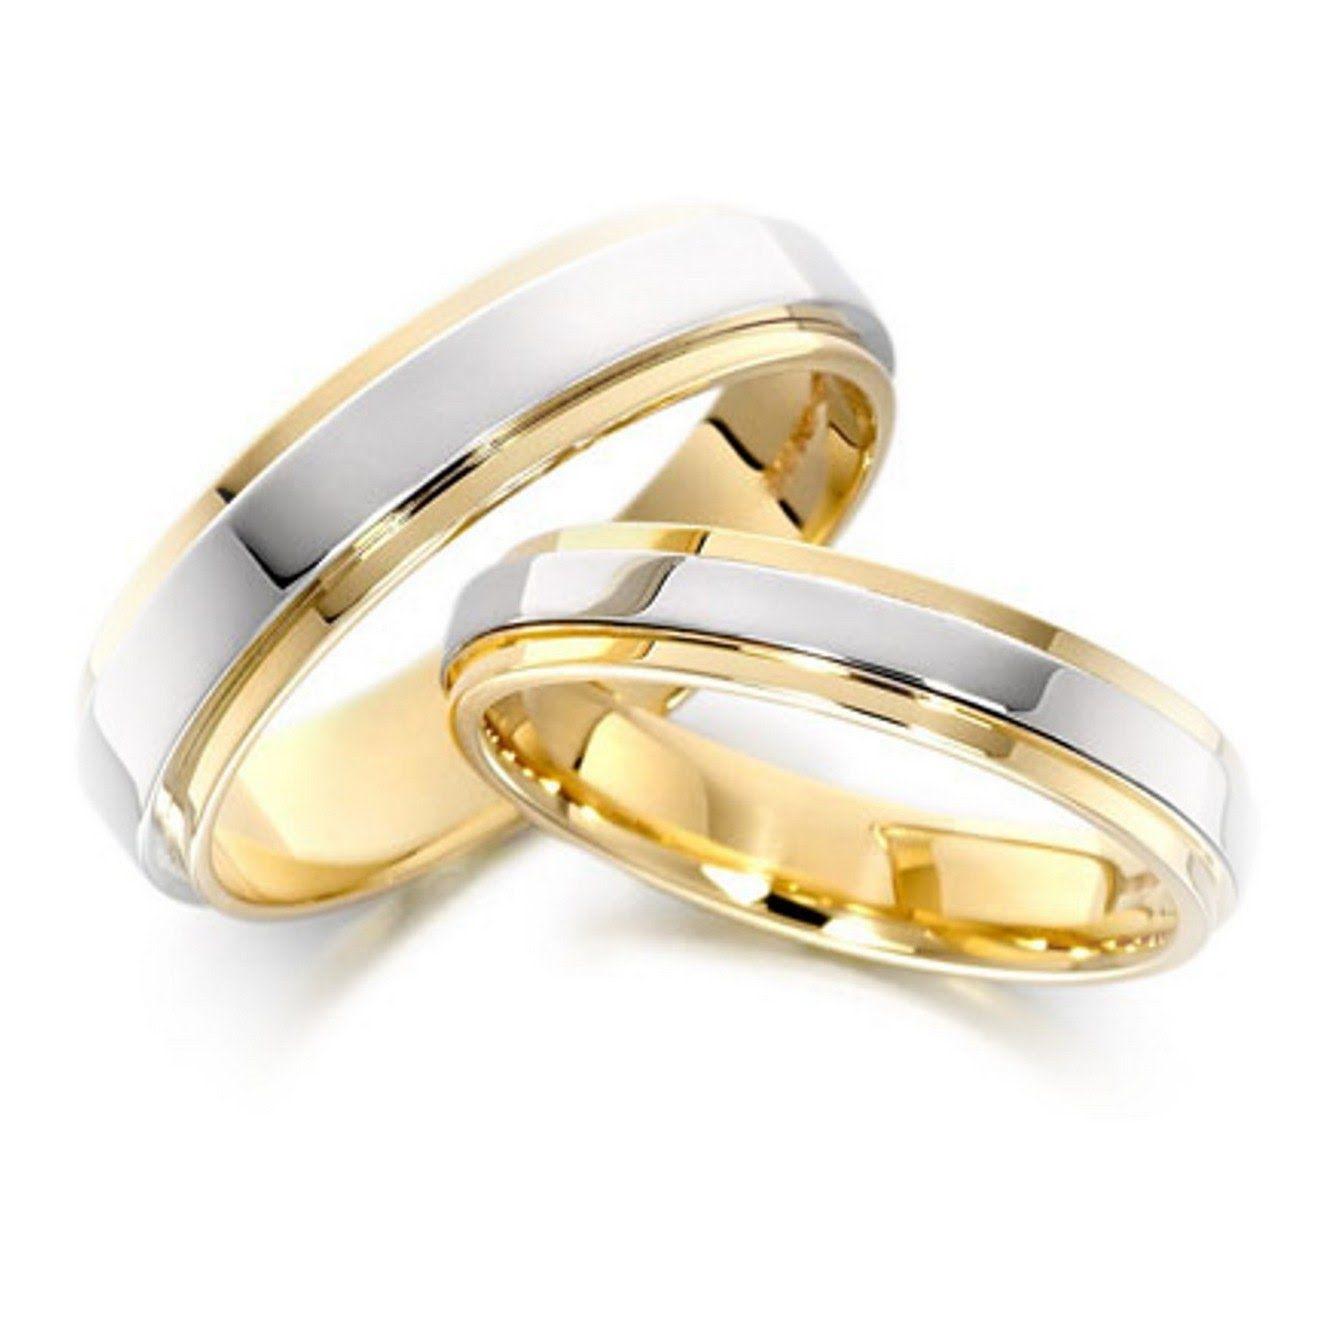 Alianzas de matrimonio peru